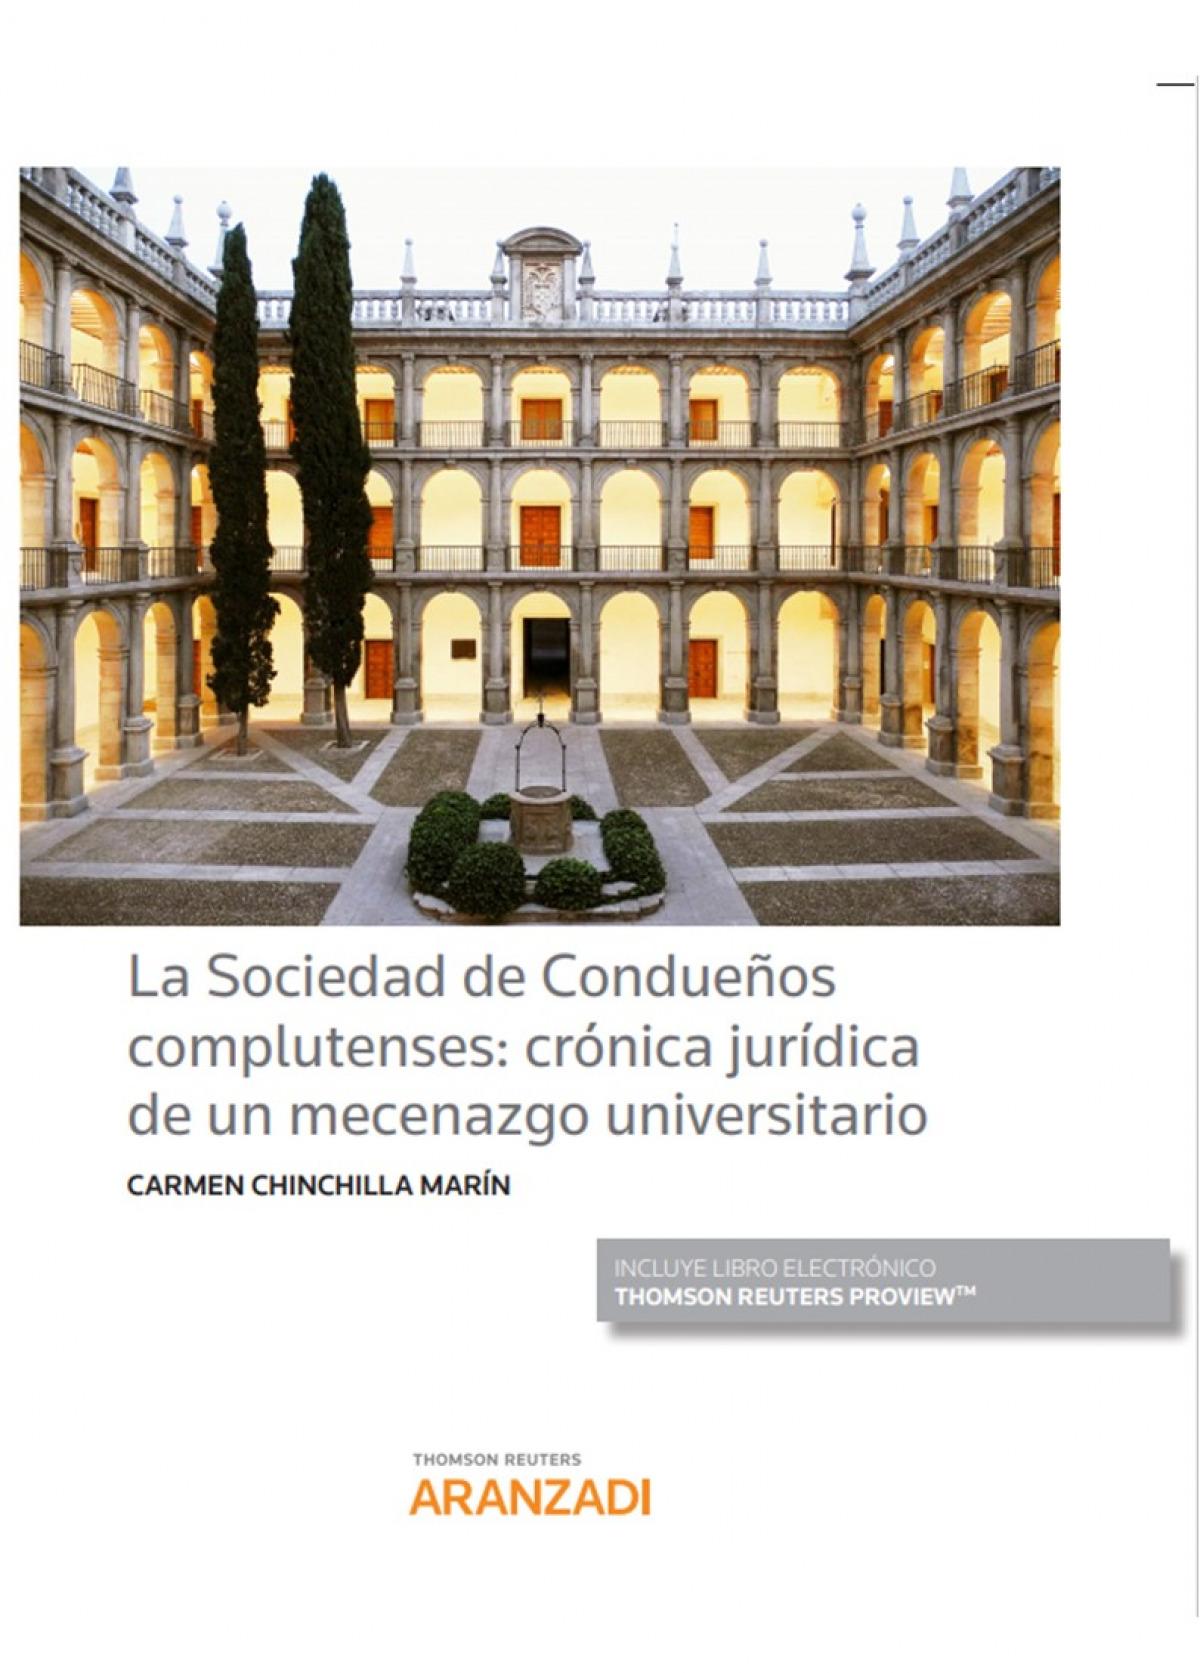 SOCIEDAD DE CONDUEÑOS COMPLUTENSES CRONICA JURIDICA MECENAZ